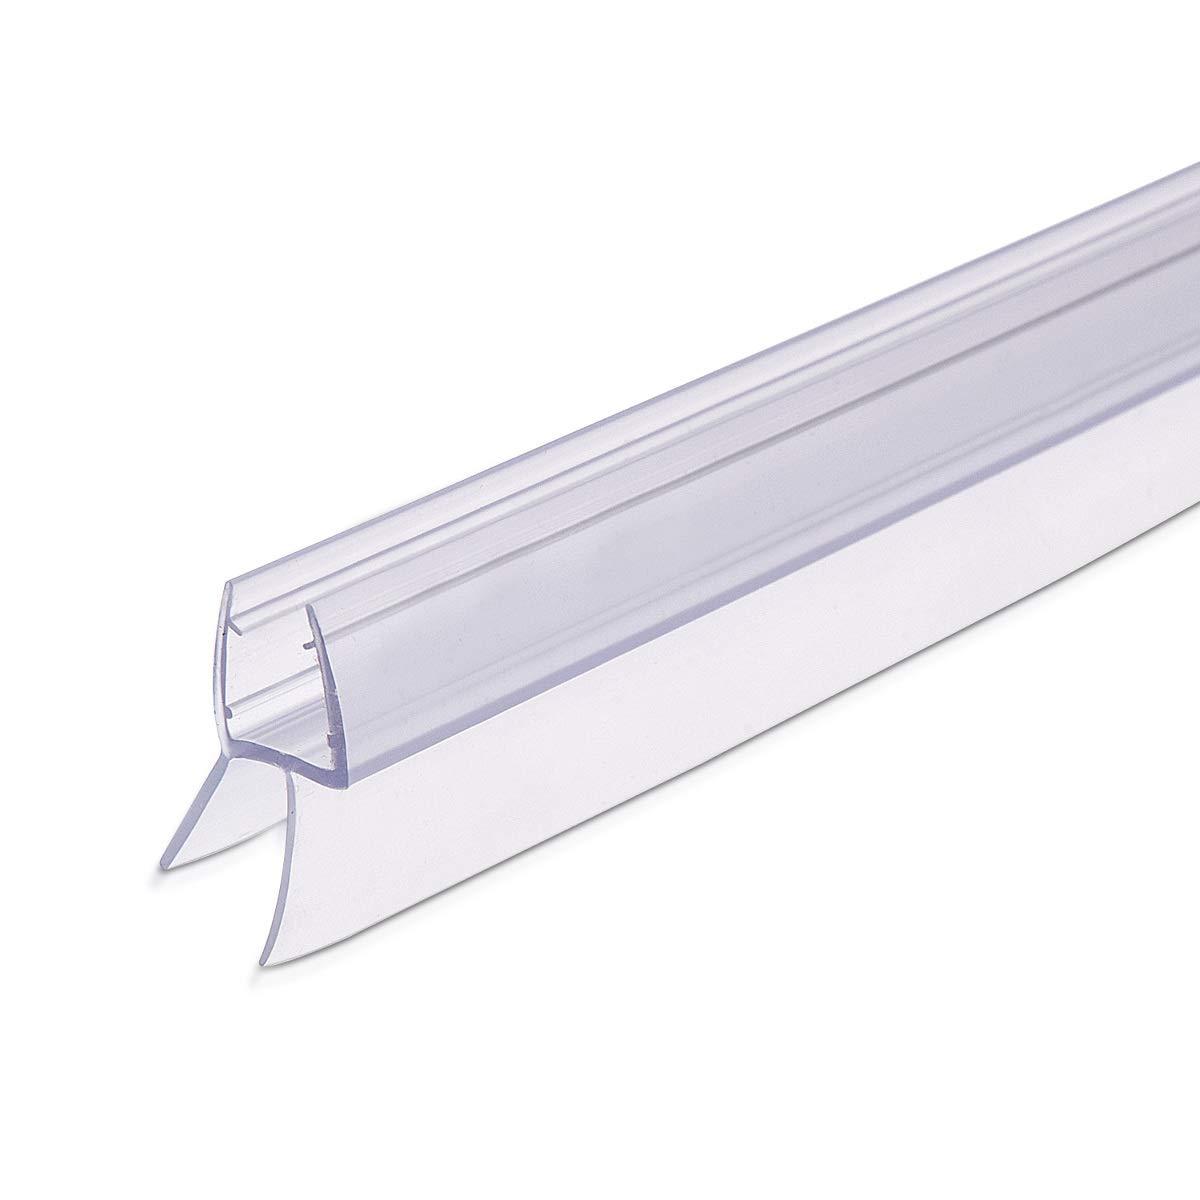 Joint de Rechange /étanche 80cm 45/° pour Bas Porte de Douche en Verre 6mm d/épaisseur Navaris Joint /étanch/éit/é Douche Joint en PVC